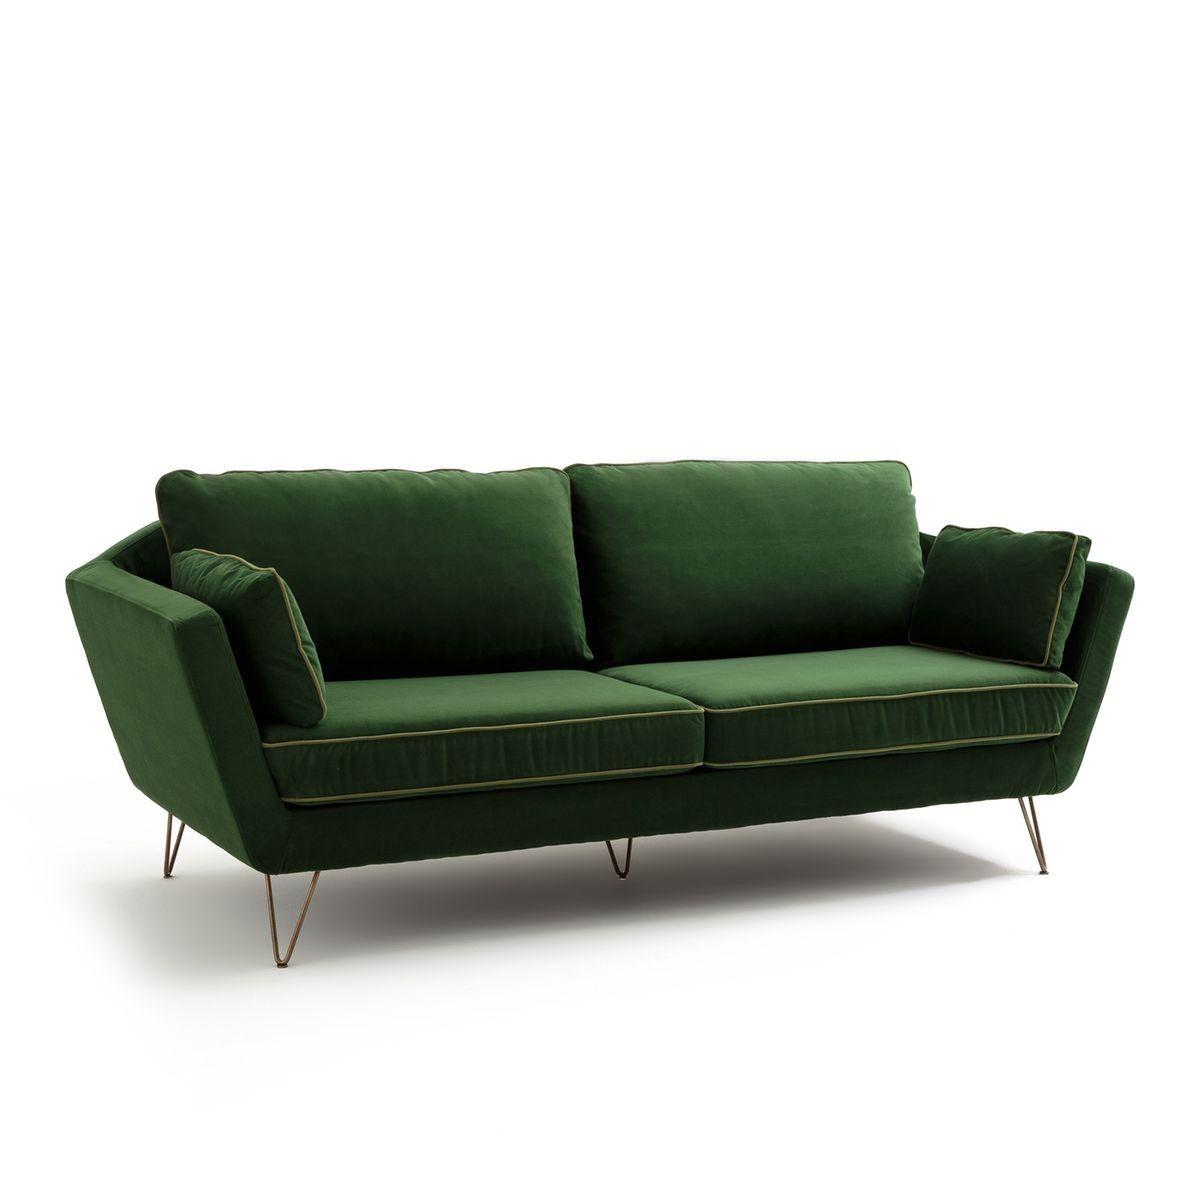 H Et H Canapé canapé topim, design henriëtte h jansen - taille : 4 places